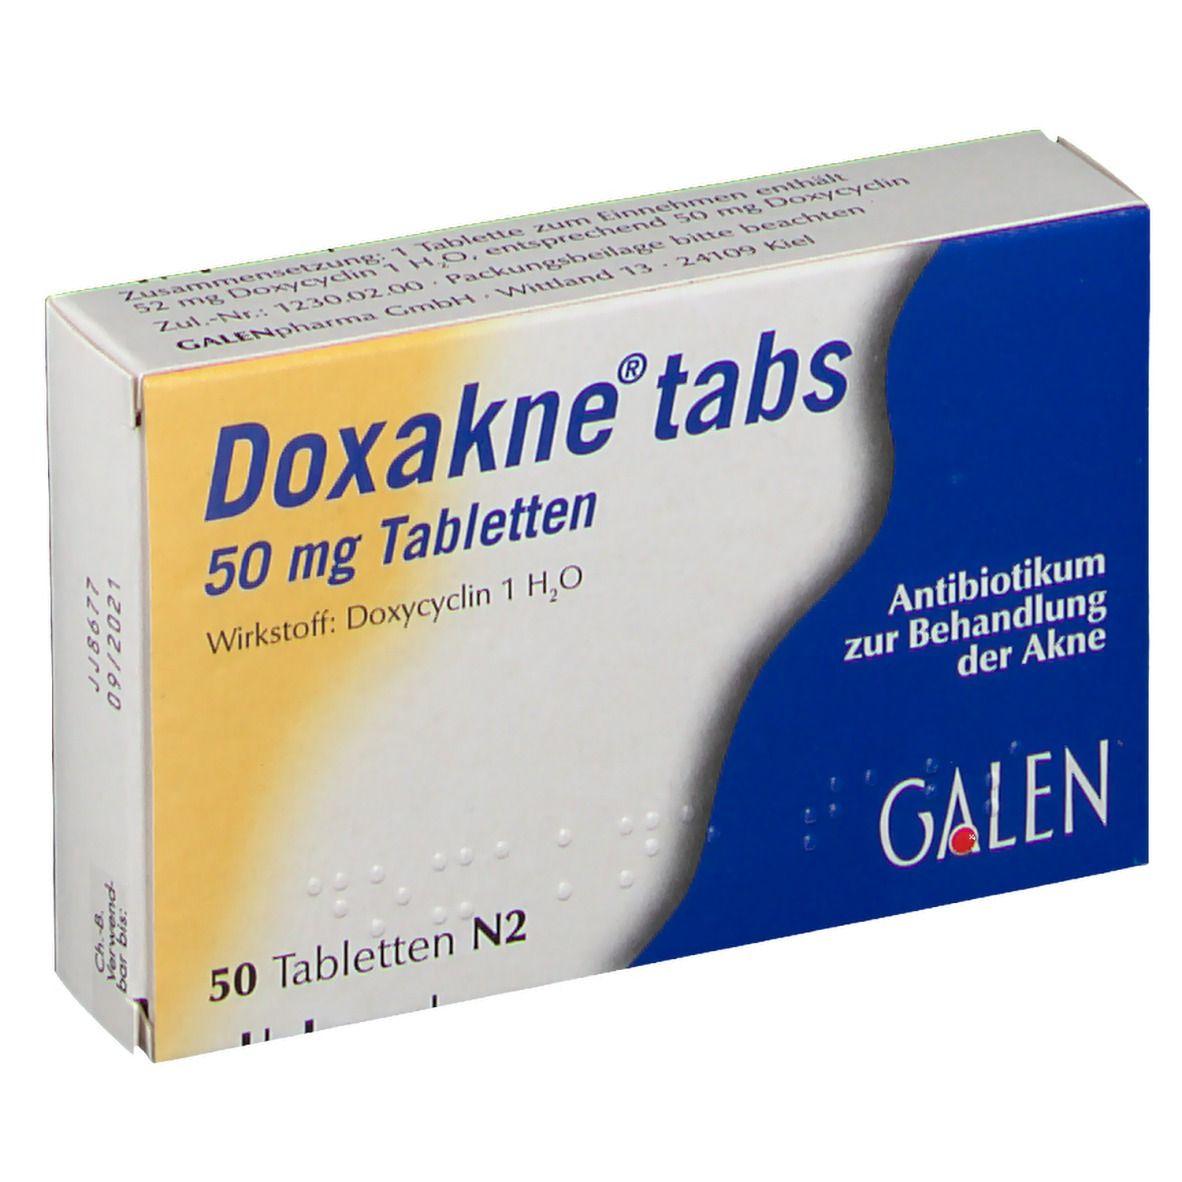 Doxakne Tabs Tabletten 50 St - shop-apotheke.com